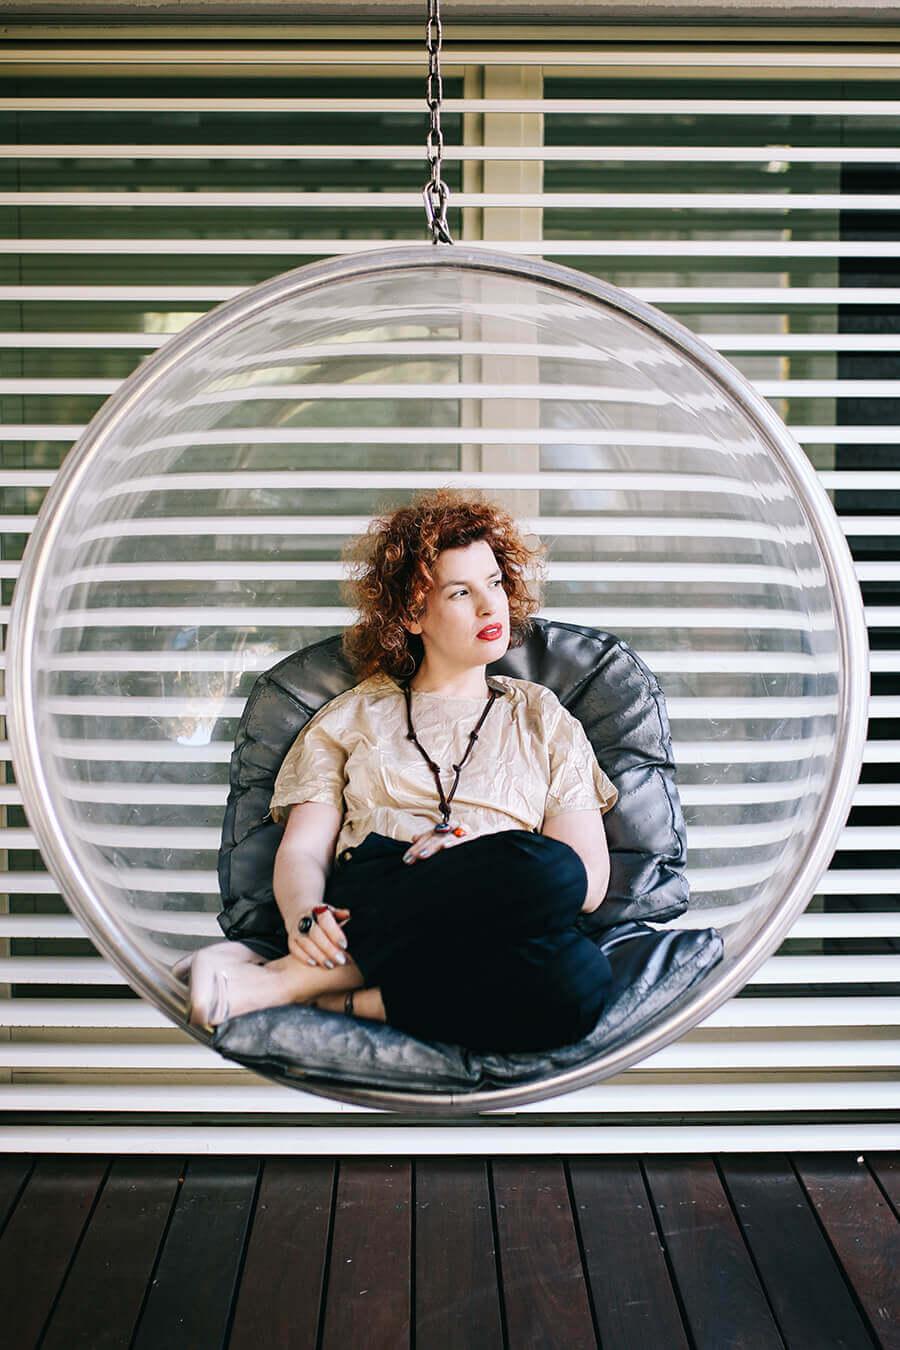 אישה בכיסא נדנדה